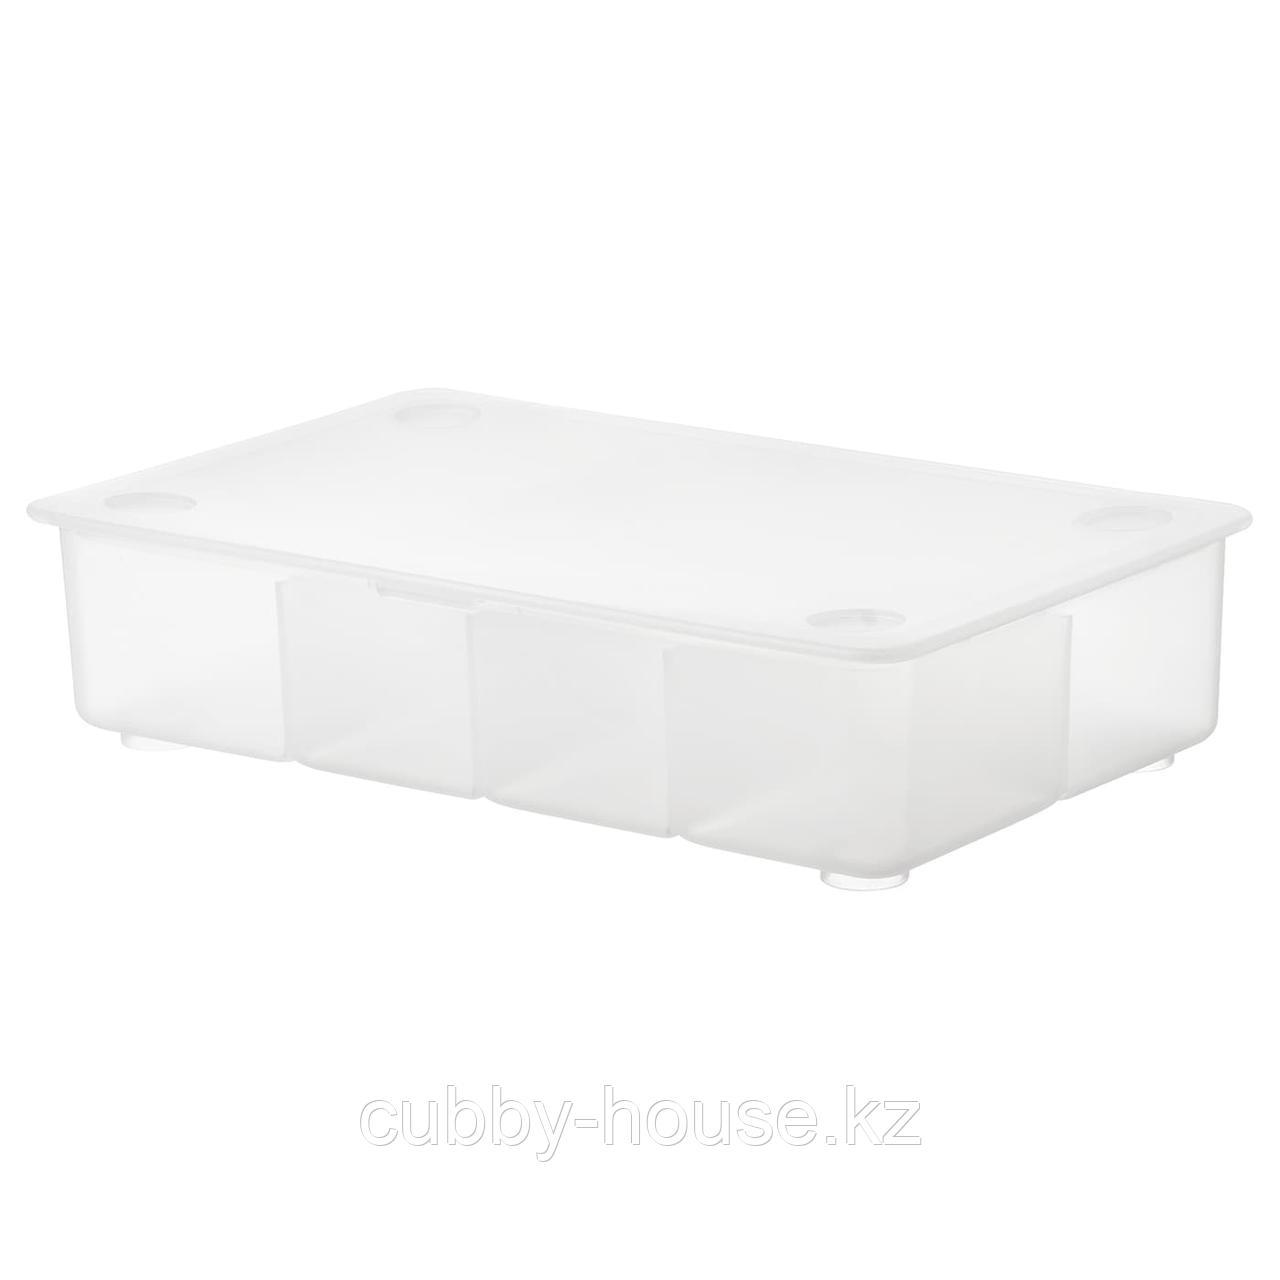 ГЛИС Контейнер с крышкой, прозрачный, 34x21 см